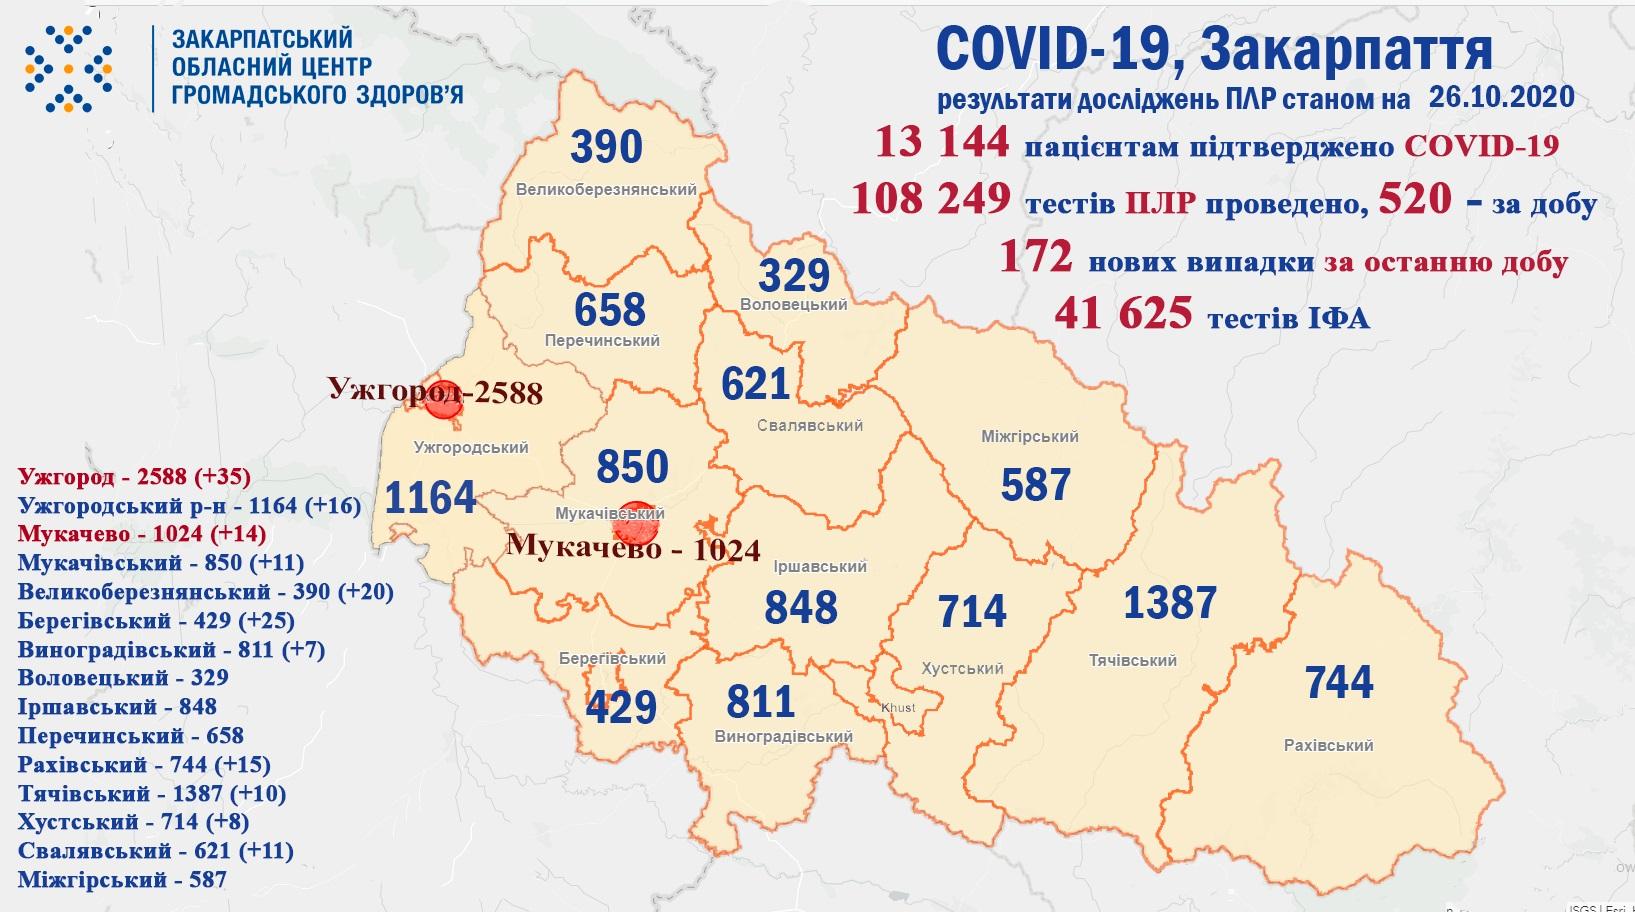 За добу на Закарпатті виявили 172 випадки COVID-19, троє пацієнтів померло